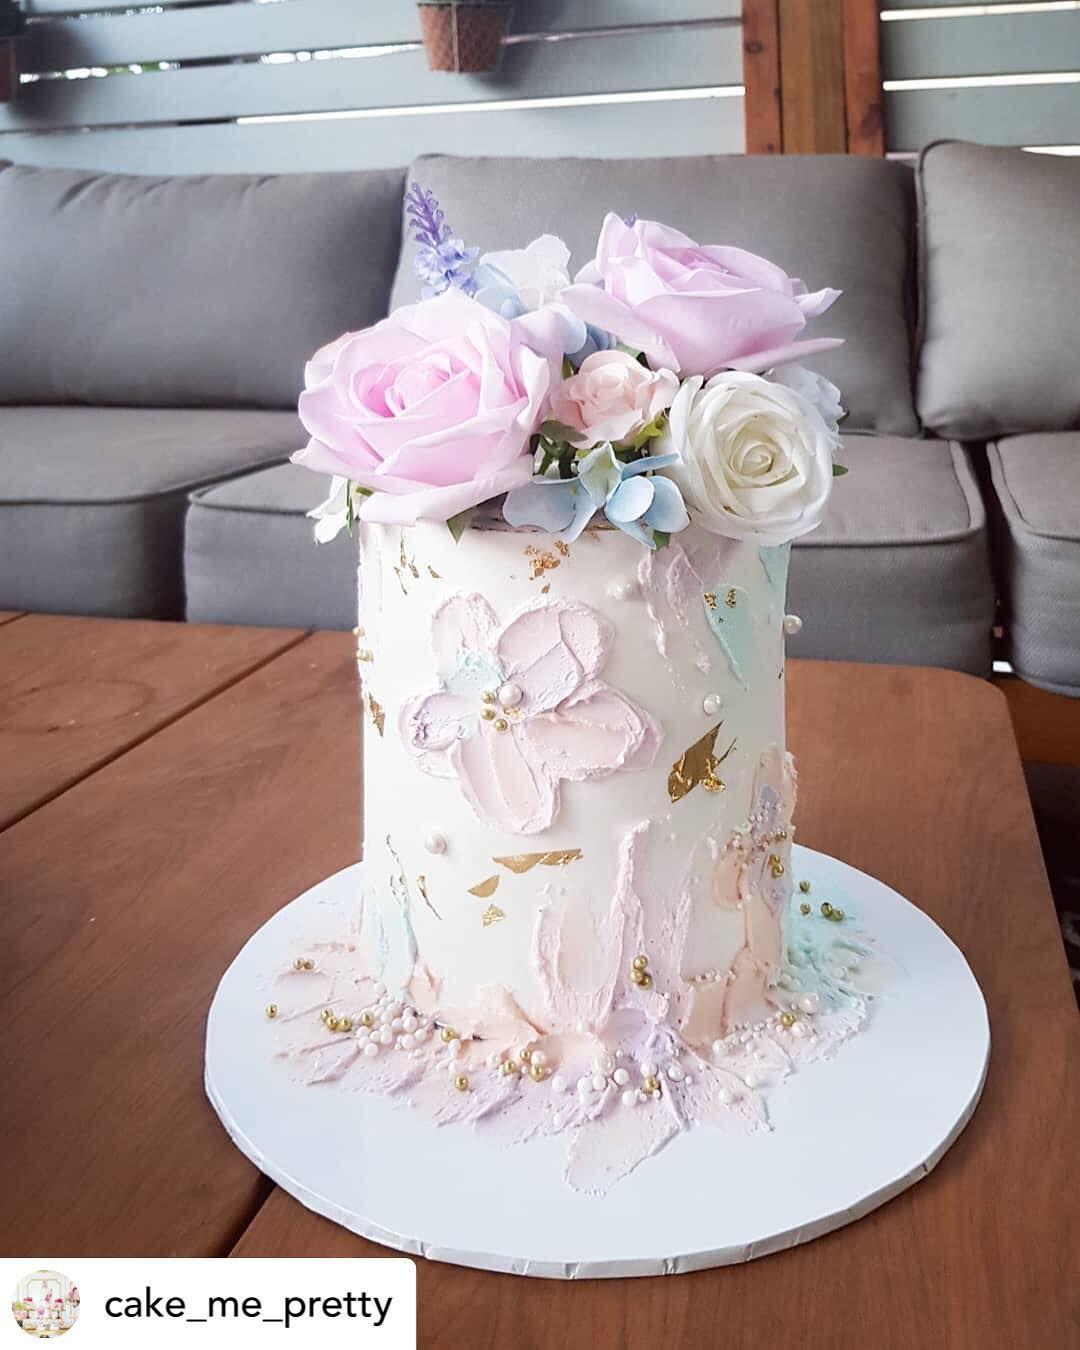 Caketutorial كيك كاب كيك كوكي كوكيز عيدميلاد عيدزواج عيد الأم تزیین کیک تزيين كوكيز مولود مولود جديد عرس اعراس عقد Mini Cakes Dessert Table Cake